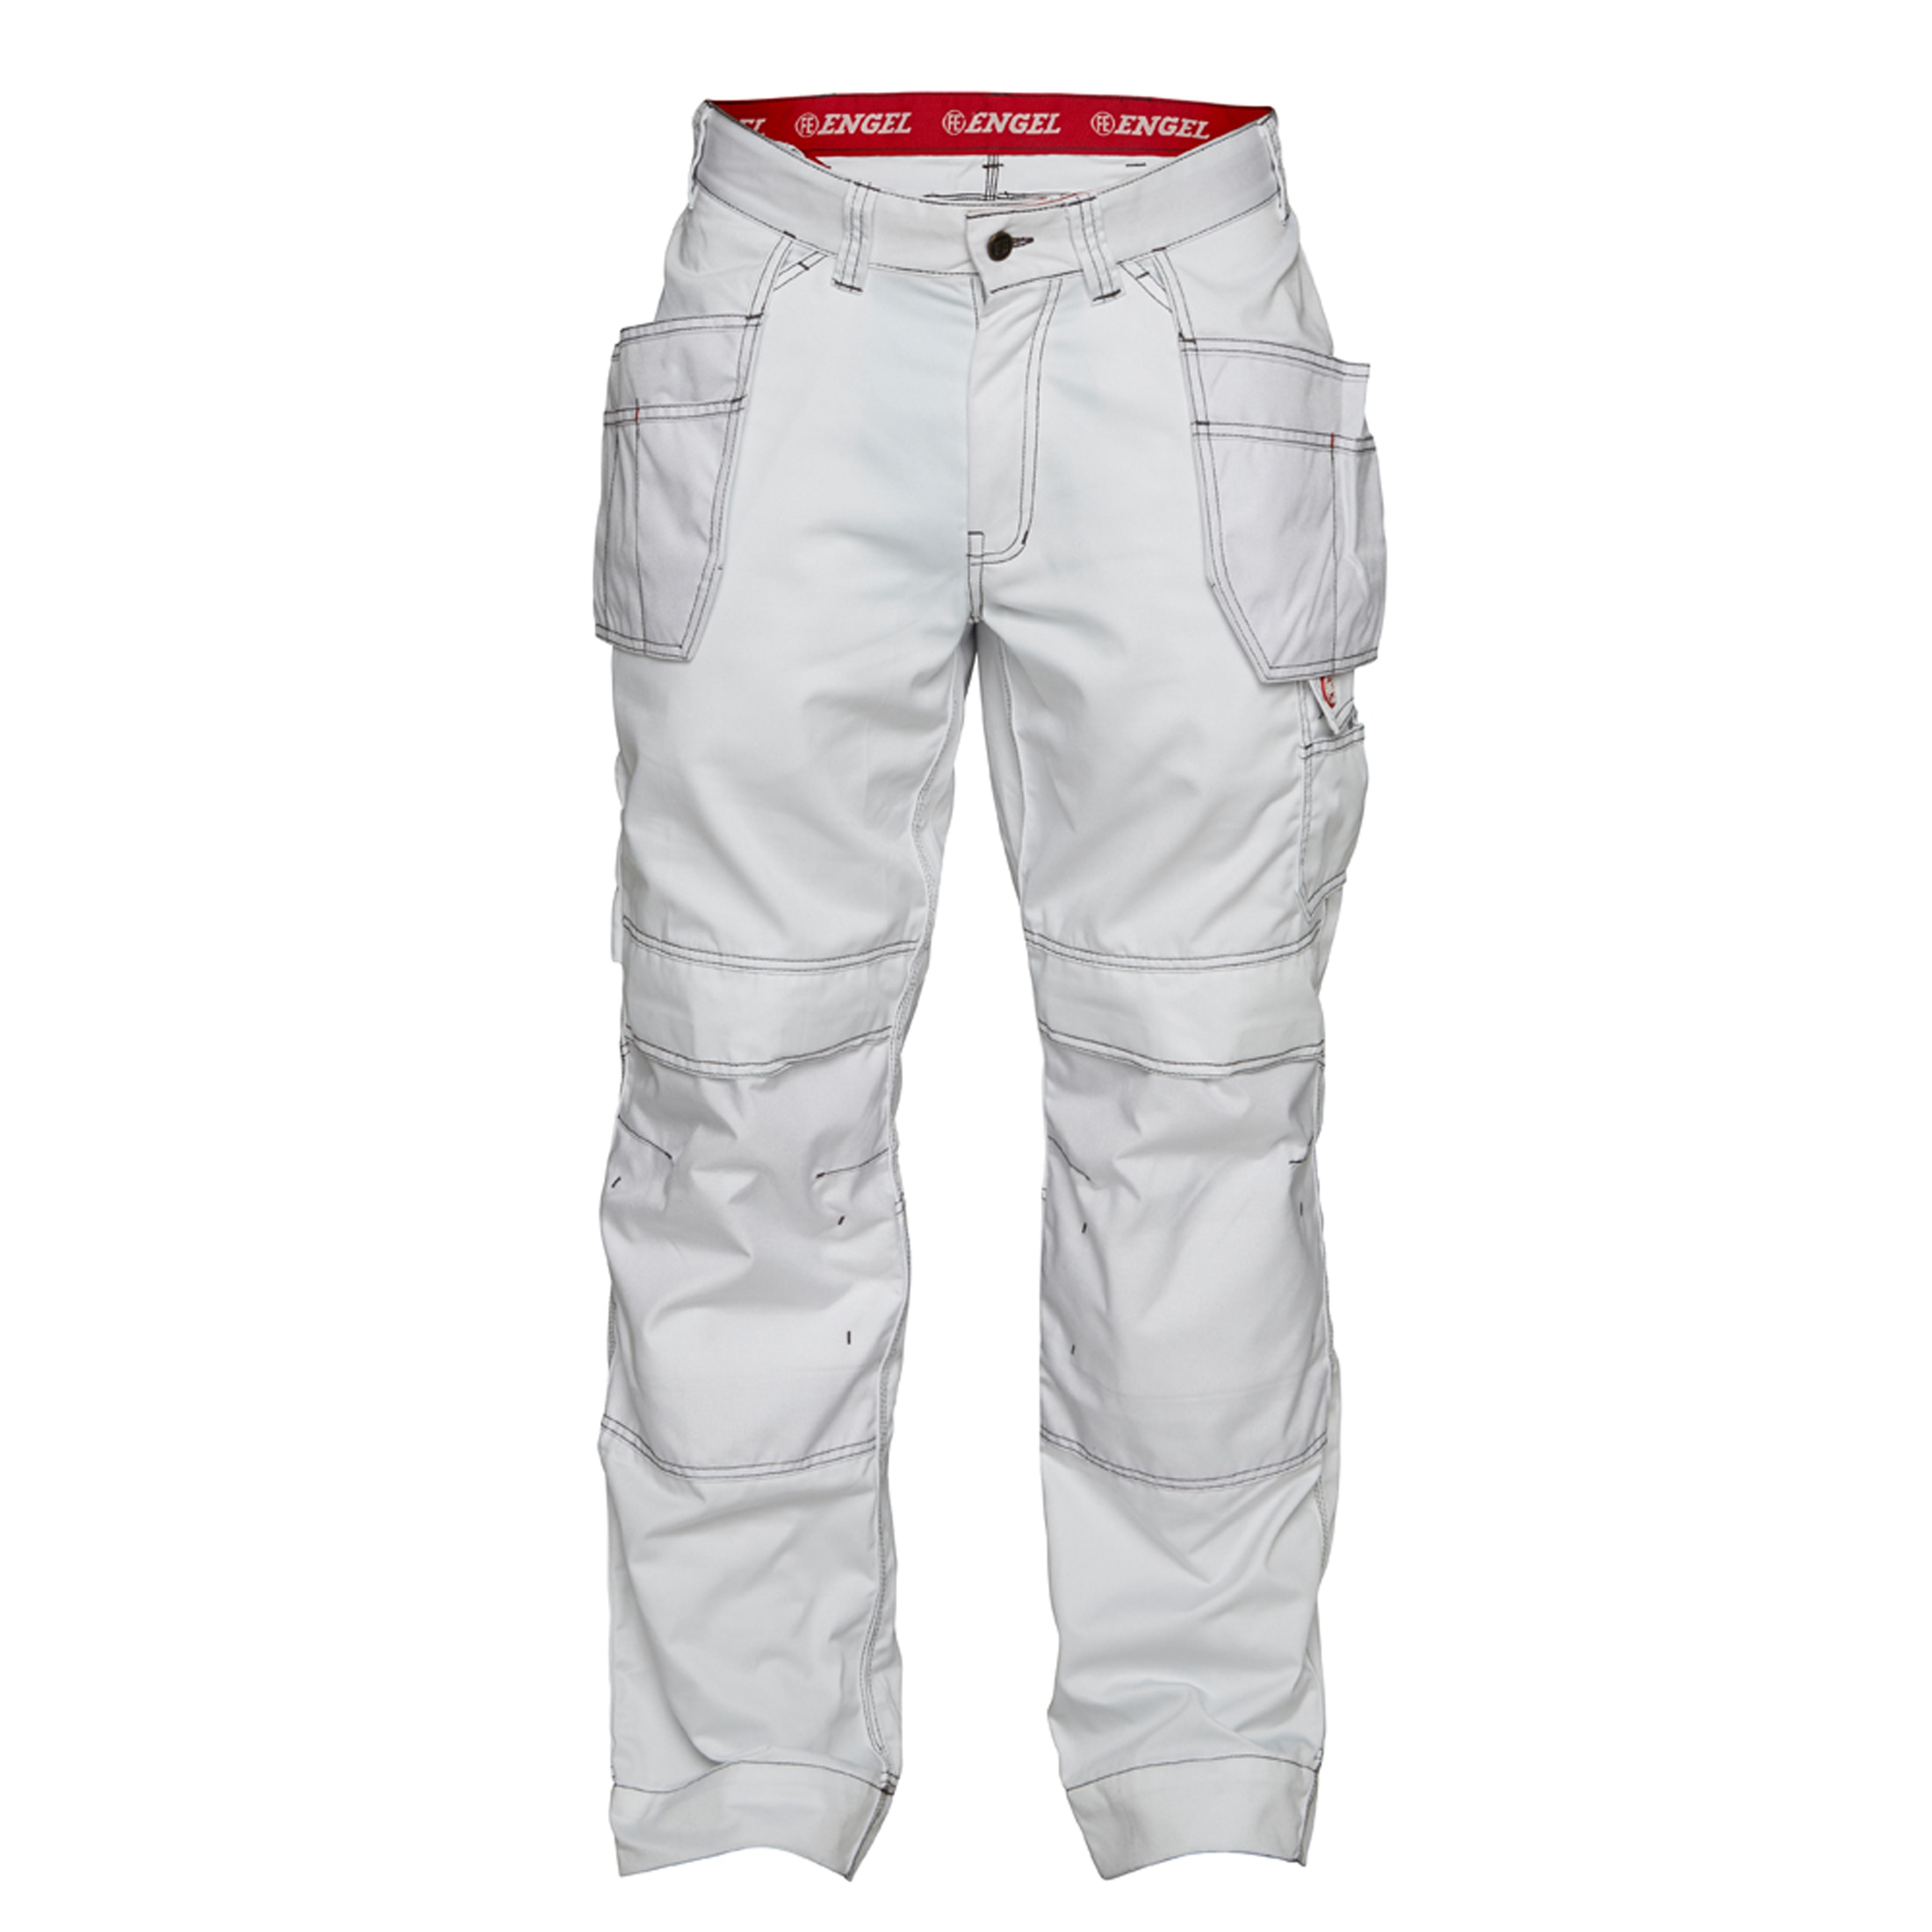 Heute im Angebot: COMBAT HOSE - 2761-630 von ENGEL- Farbe- Weiß jetzt günstig kaufen